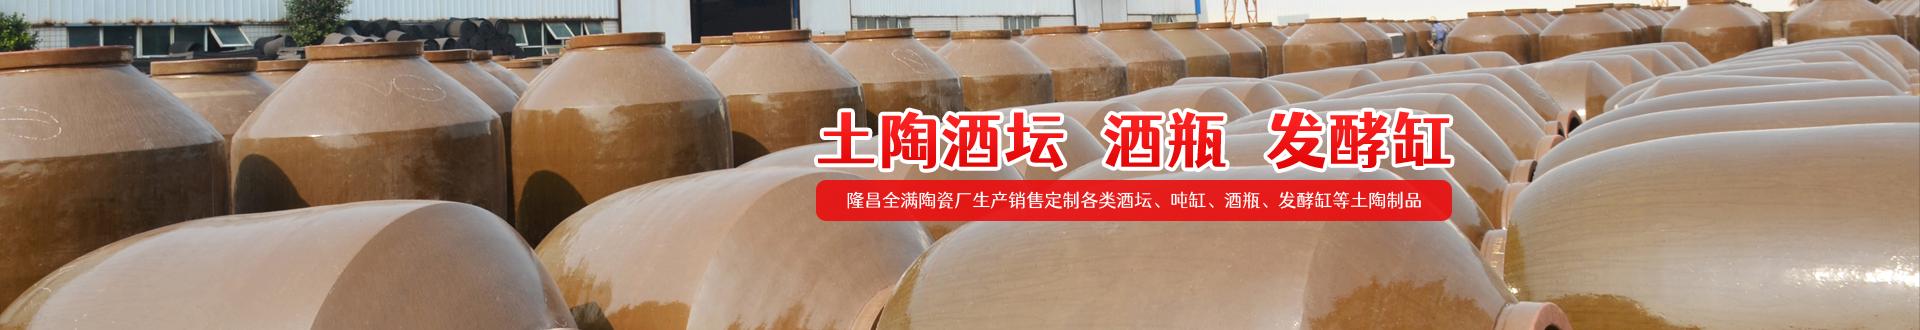 隆昌全满陶瓷制品有限公司